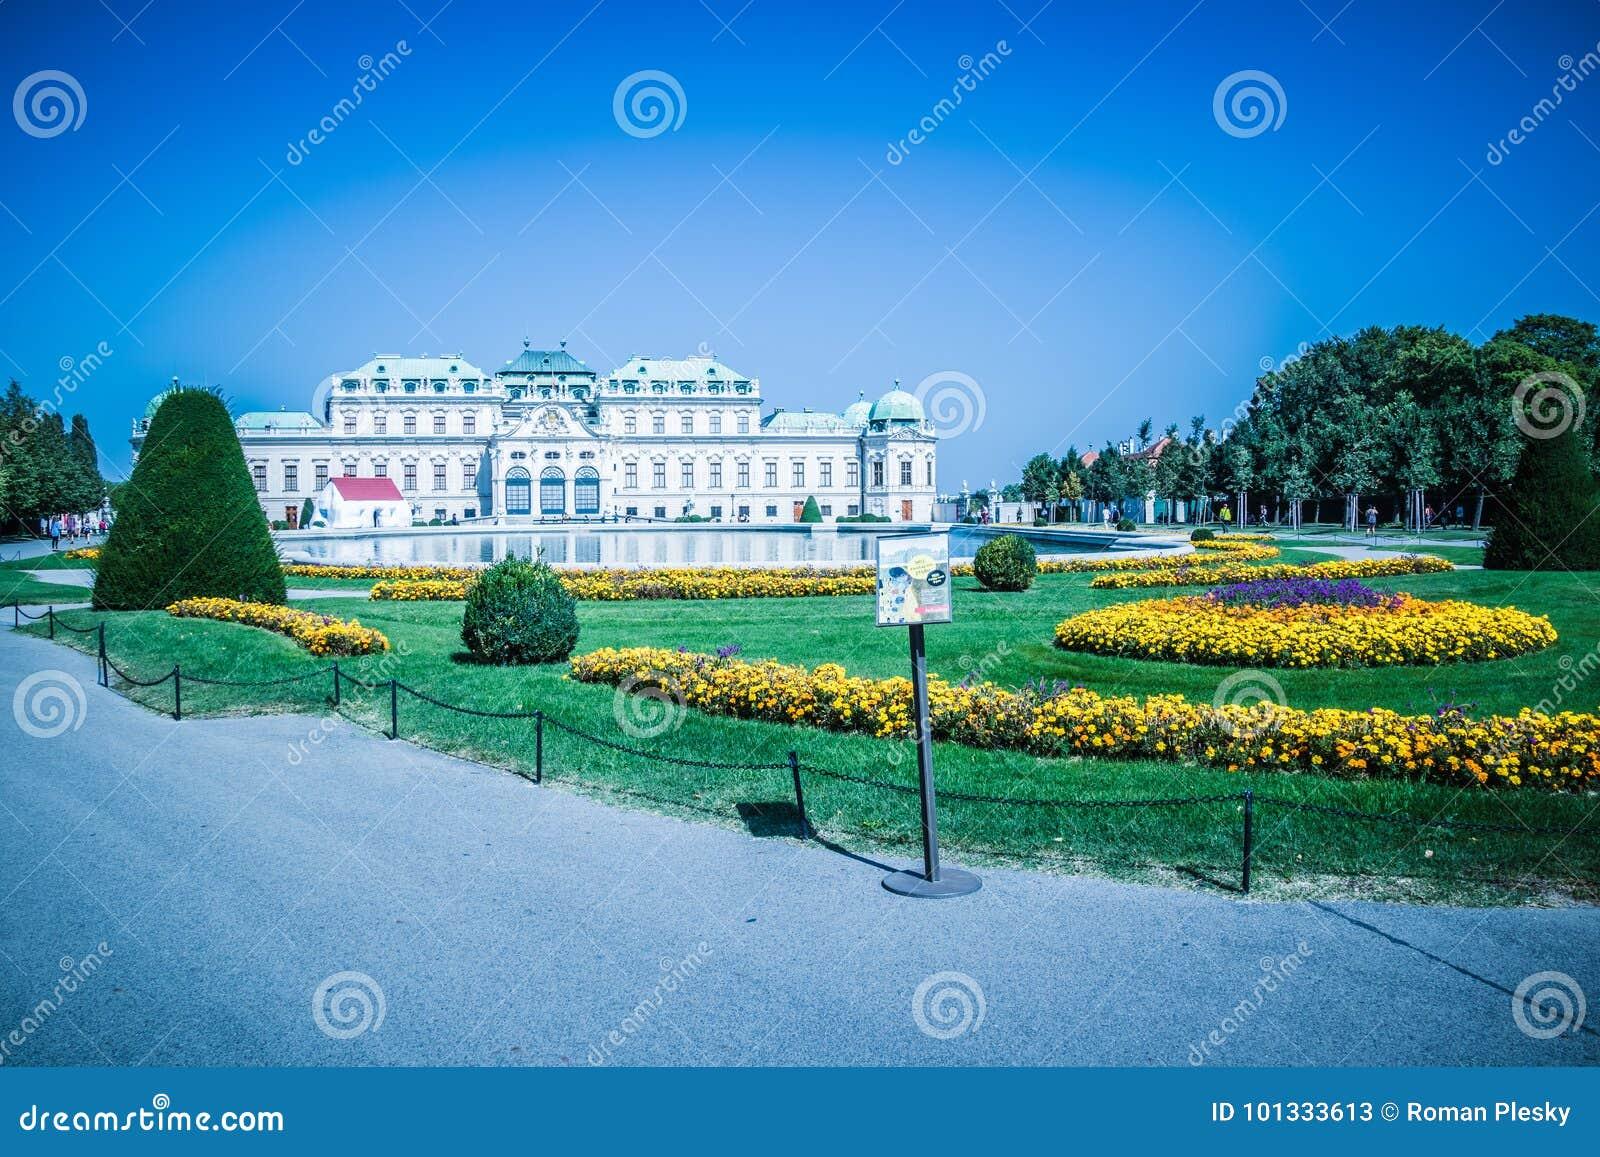 Palastgarten von Belvedere in Wien, Österreich